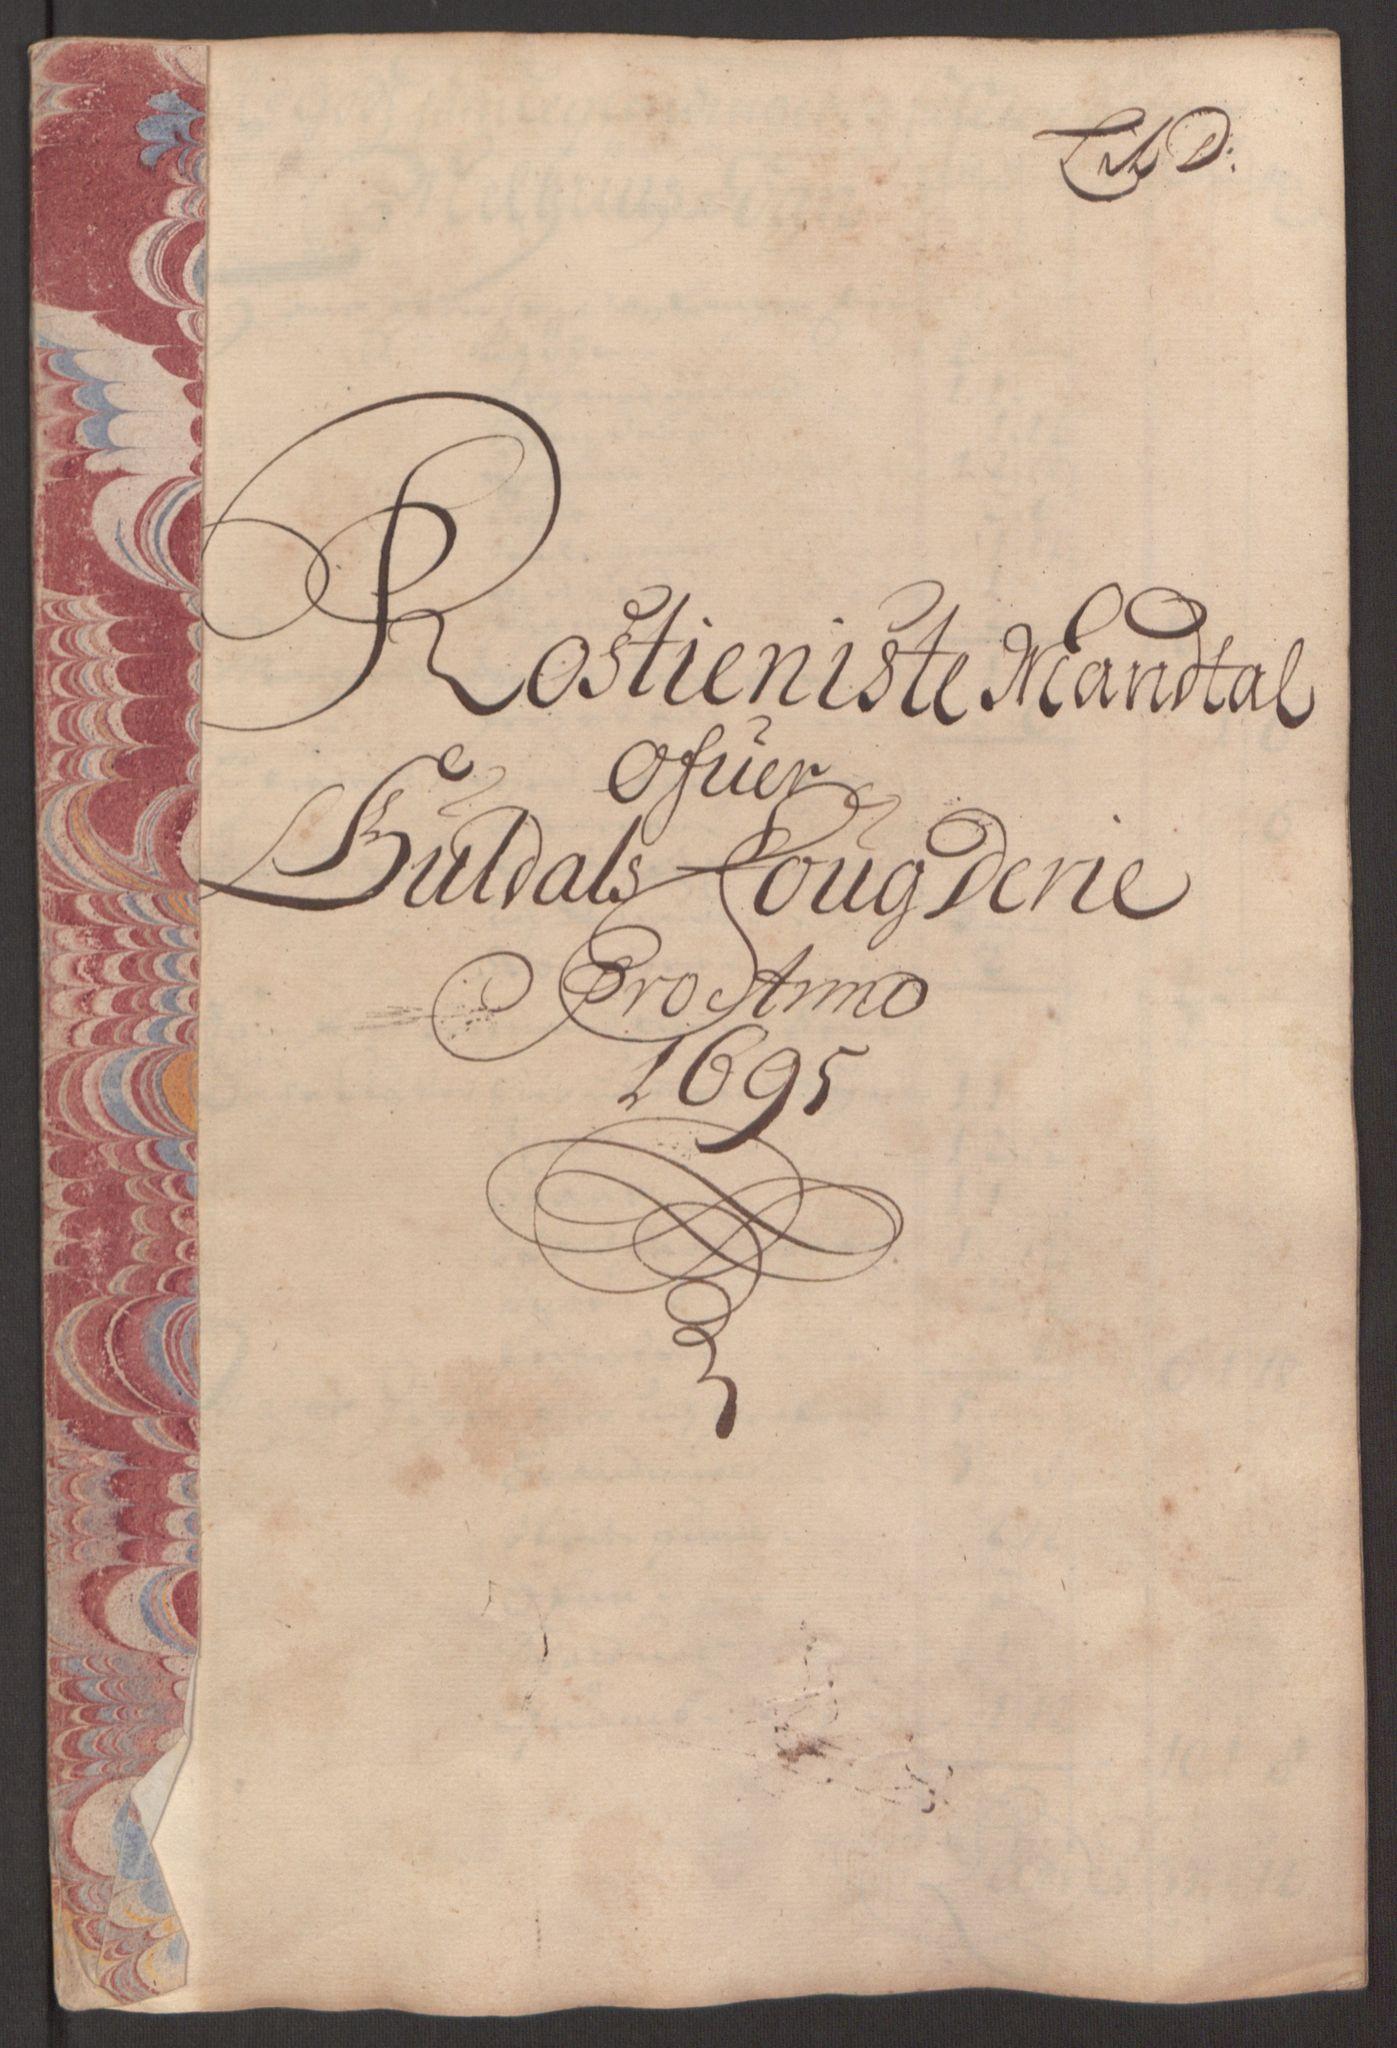 RA, Rentekammeret inntil 1814, Reviderte regnskaper, Fogderegnskap, R60/L3945: Fogderegnskap Orkdal og Gauldal, 1695, s. 330